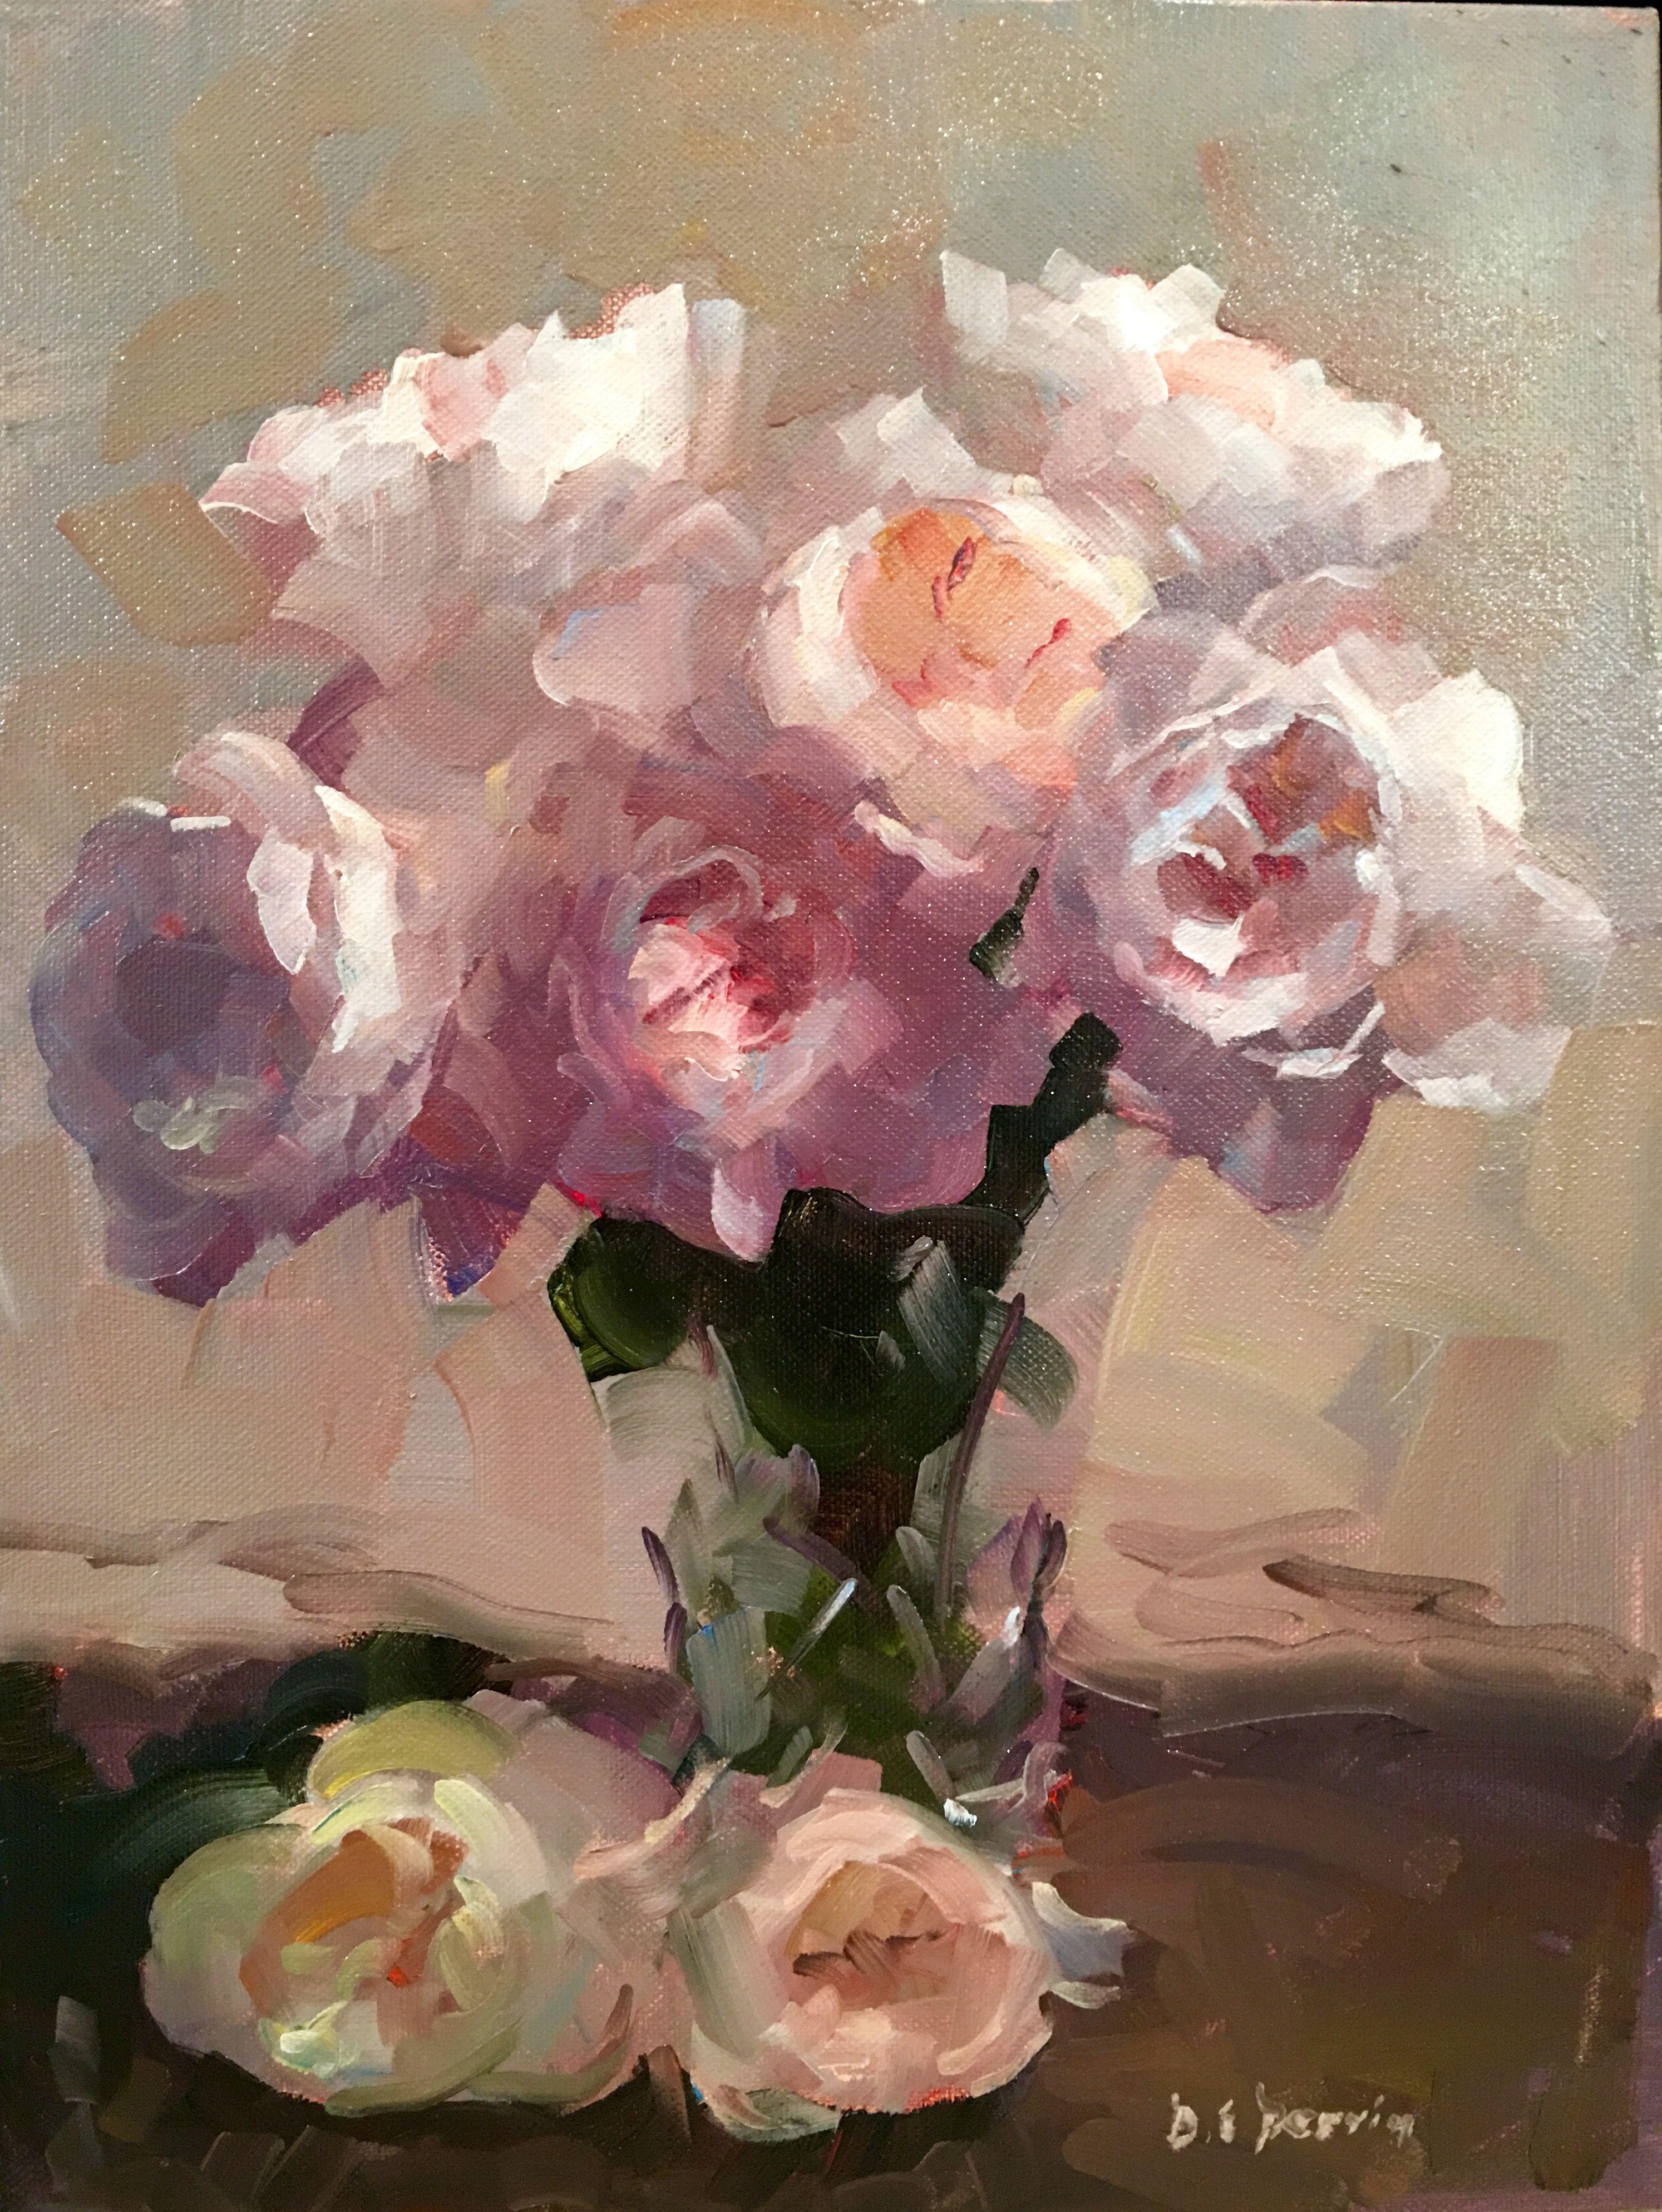 Pin von michael kowarsch auf Blumen | Pinterest | Schöne Dinge ...